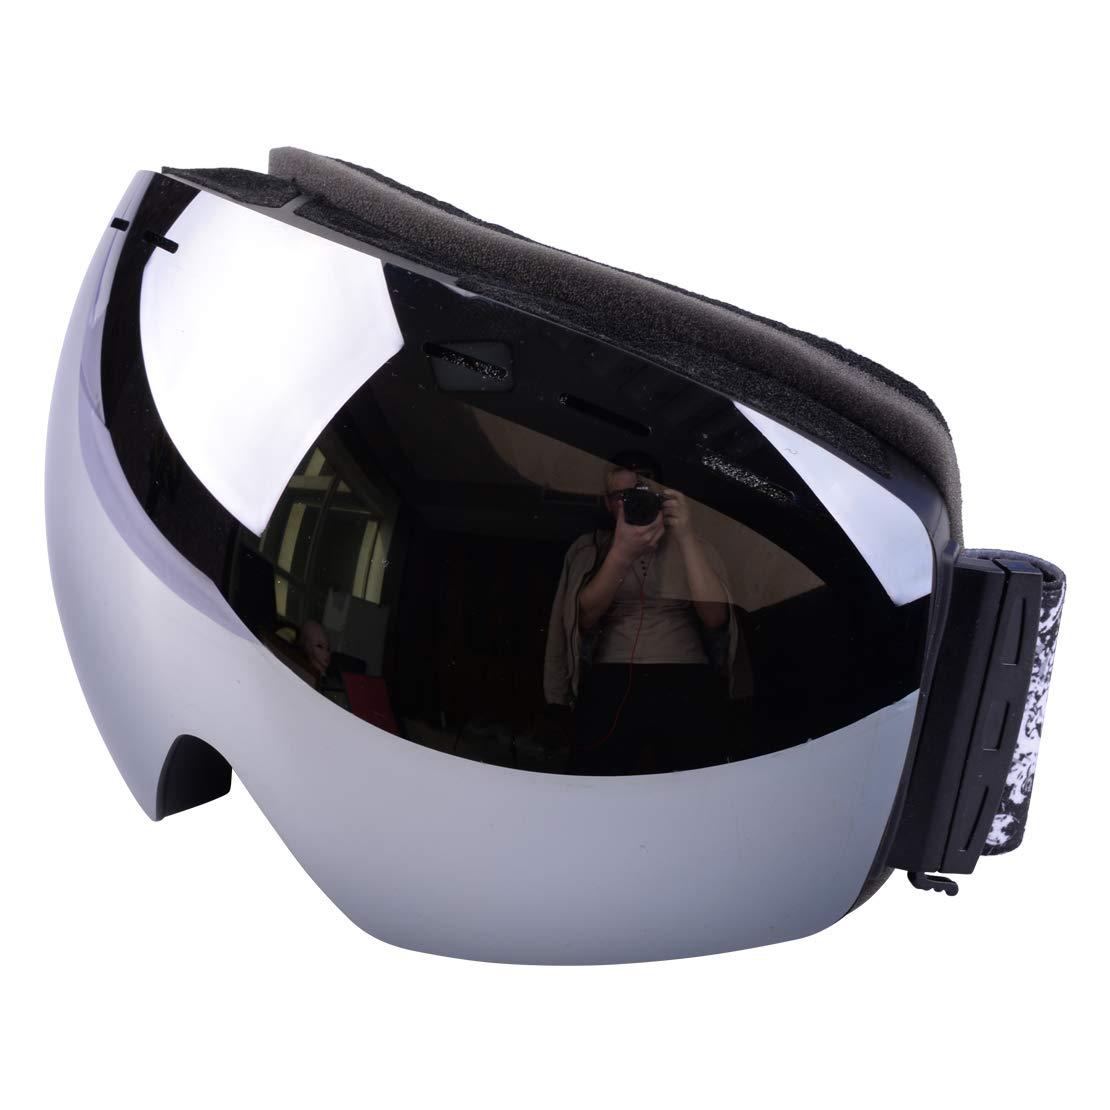 フレームレス ダブルレンズ プロフェッショナル スノーボード 曇り止め スポーツグラス UV保護 ケース スキー ゴーグル 素材:TPU&ポリカーボネート&スポンジ&コットン シルバー YCL00577P1 シルバー(Silver) B07HK9DQN2